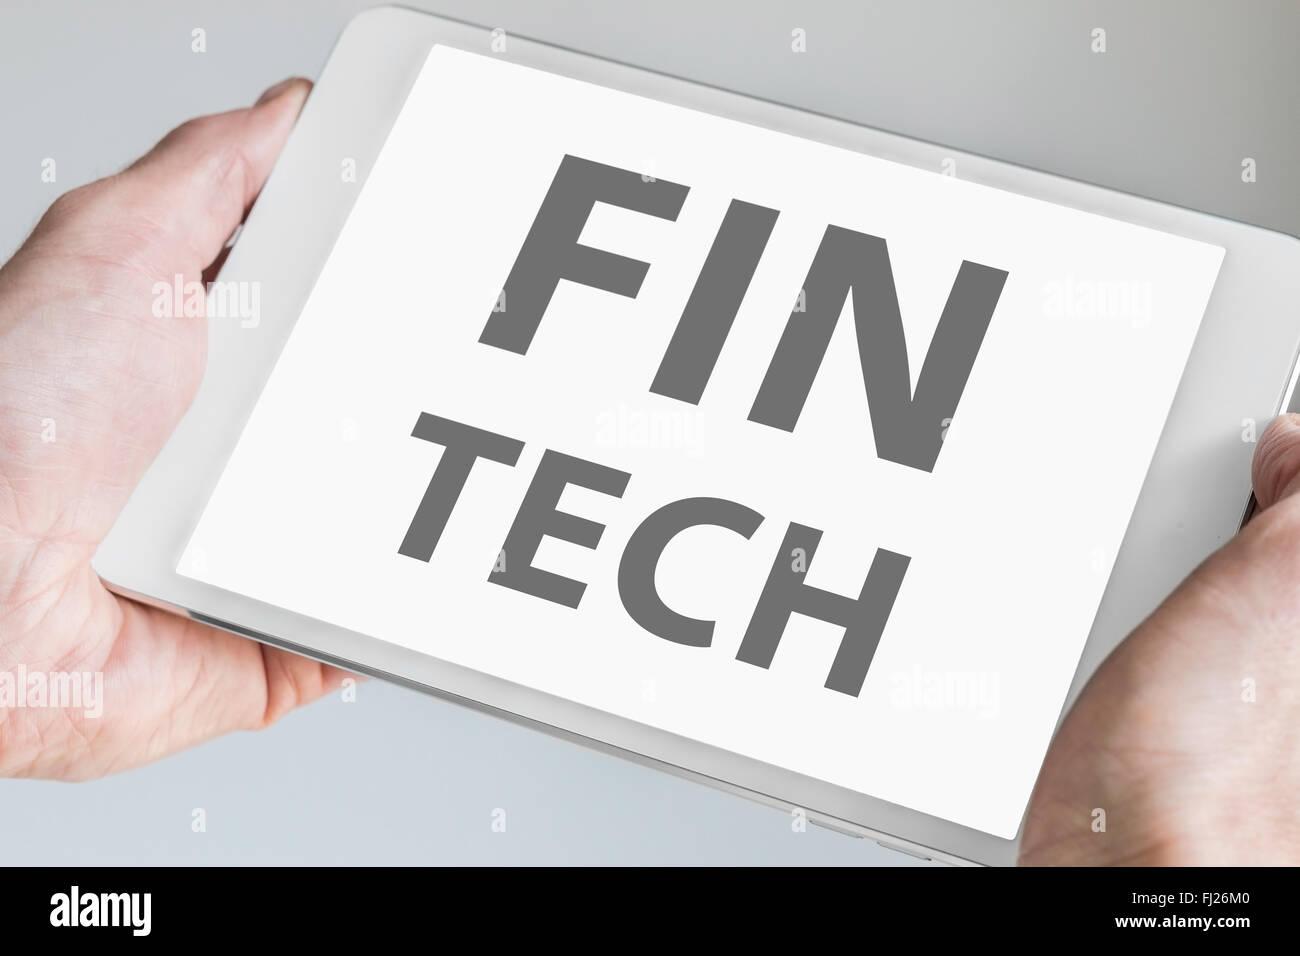 Fin tech texte affiché sur écran tactile de tablette ou smartphone moderne. Concept de la technologie Photo Stock